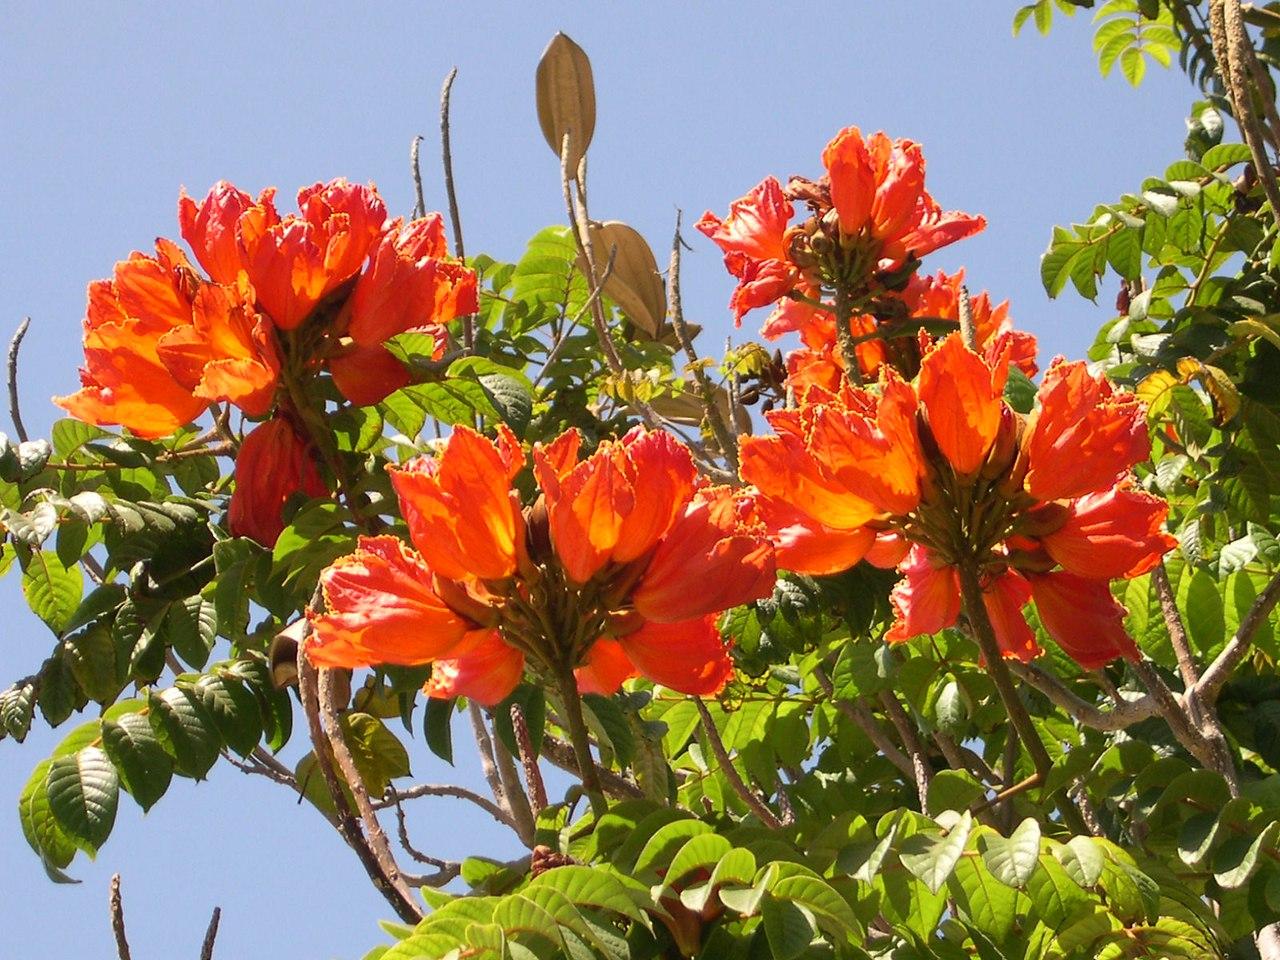 растения южные деревья фото и названия сочи самое убийственное